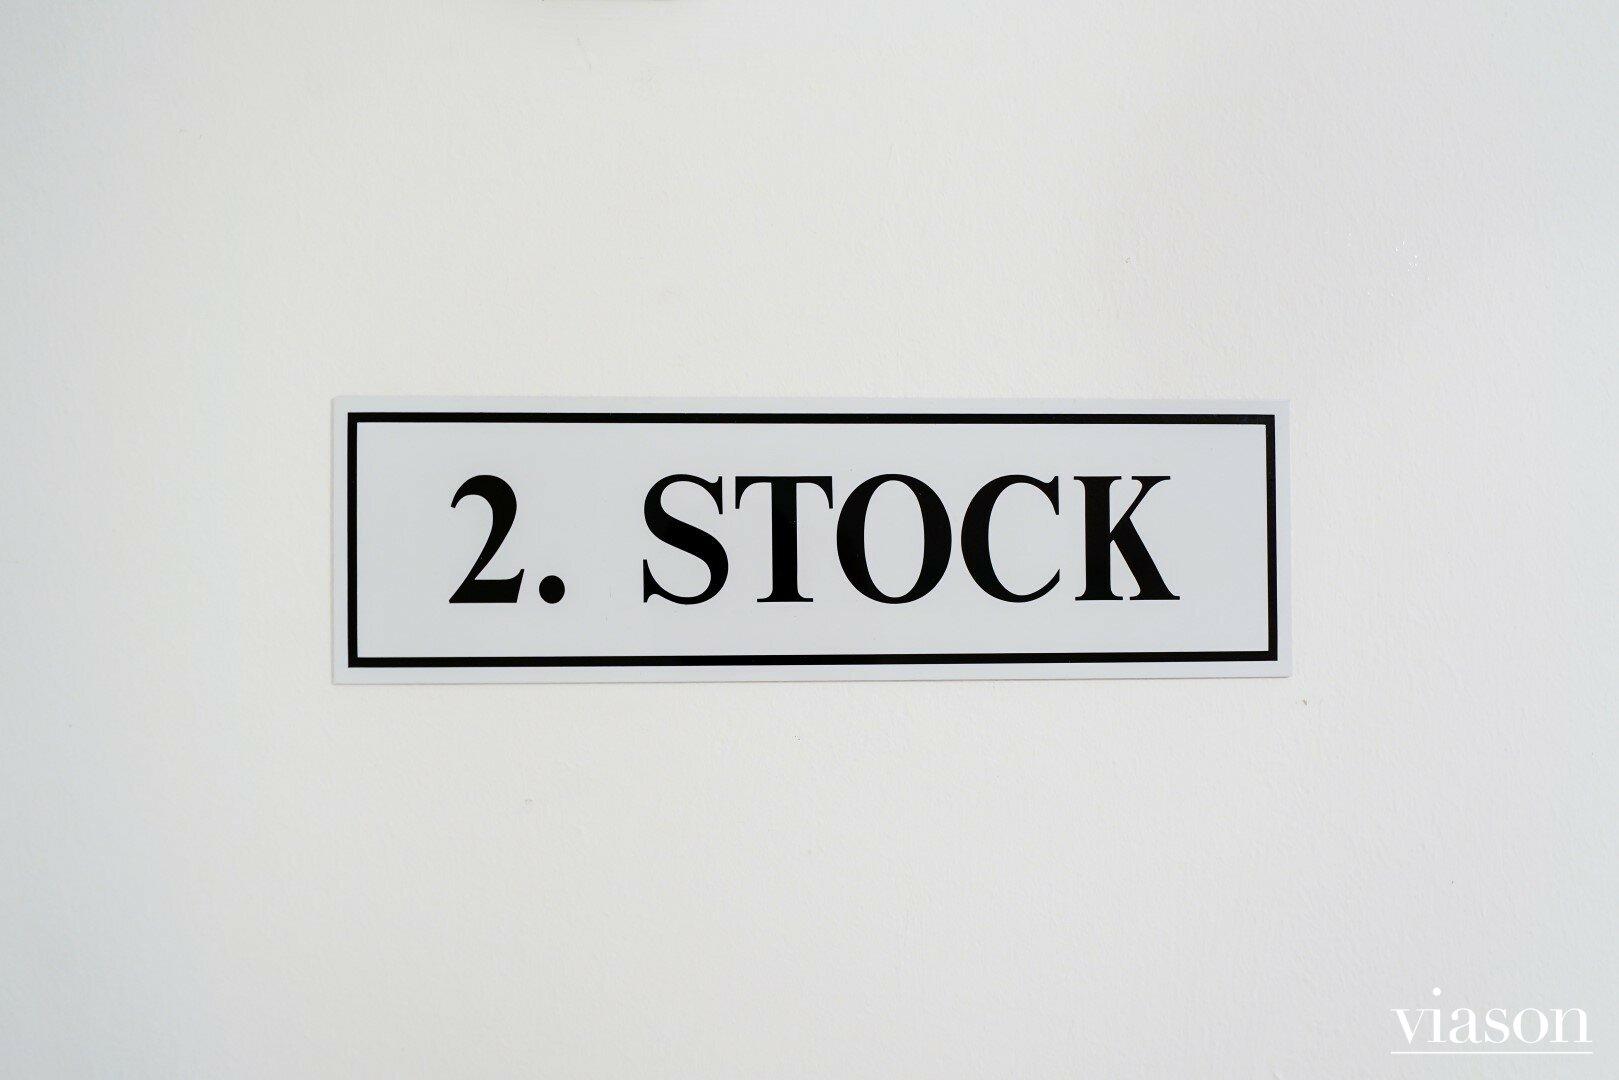 2. Stock